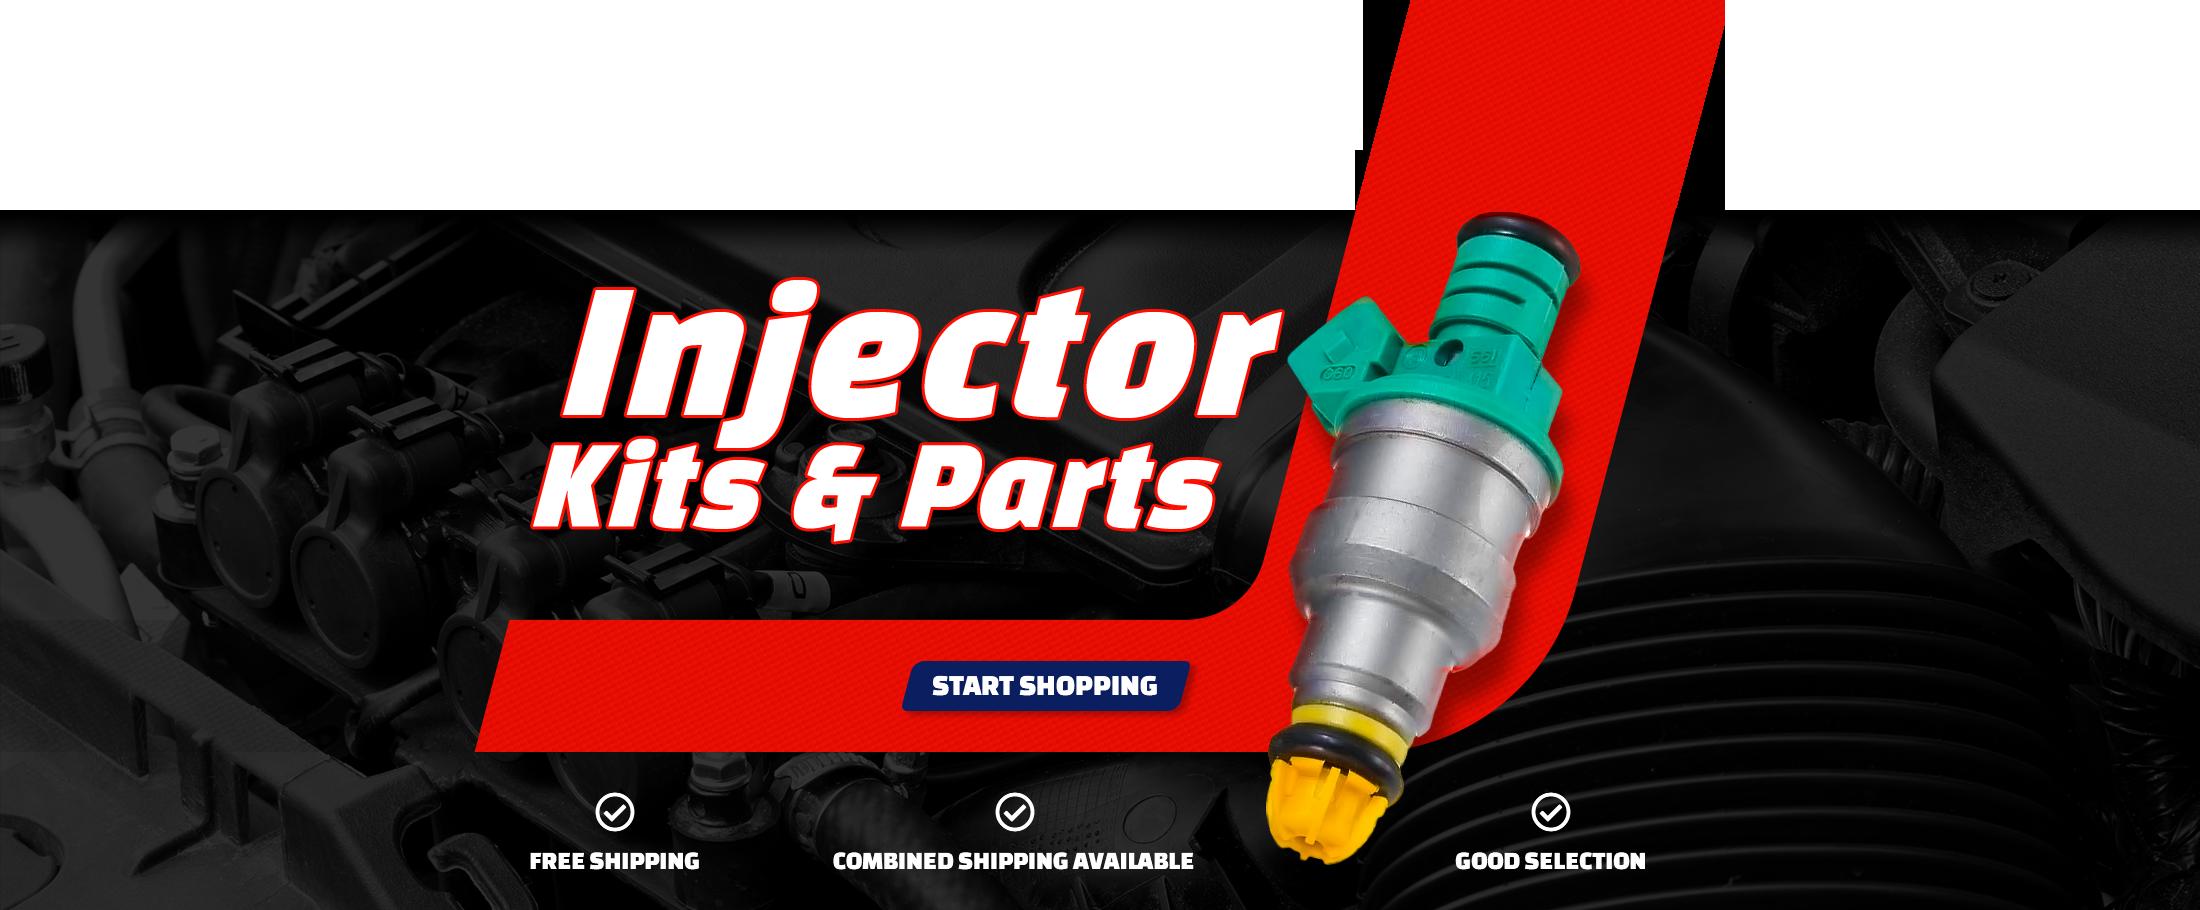 Injector Kits & Parts - Start Shopping